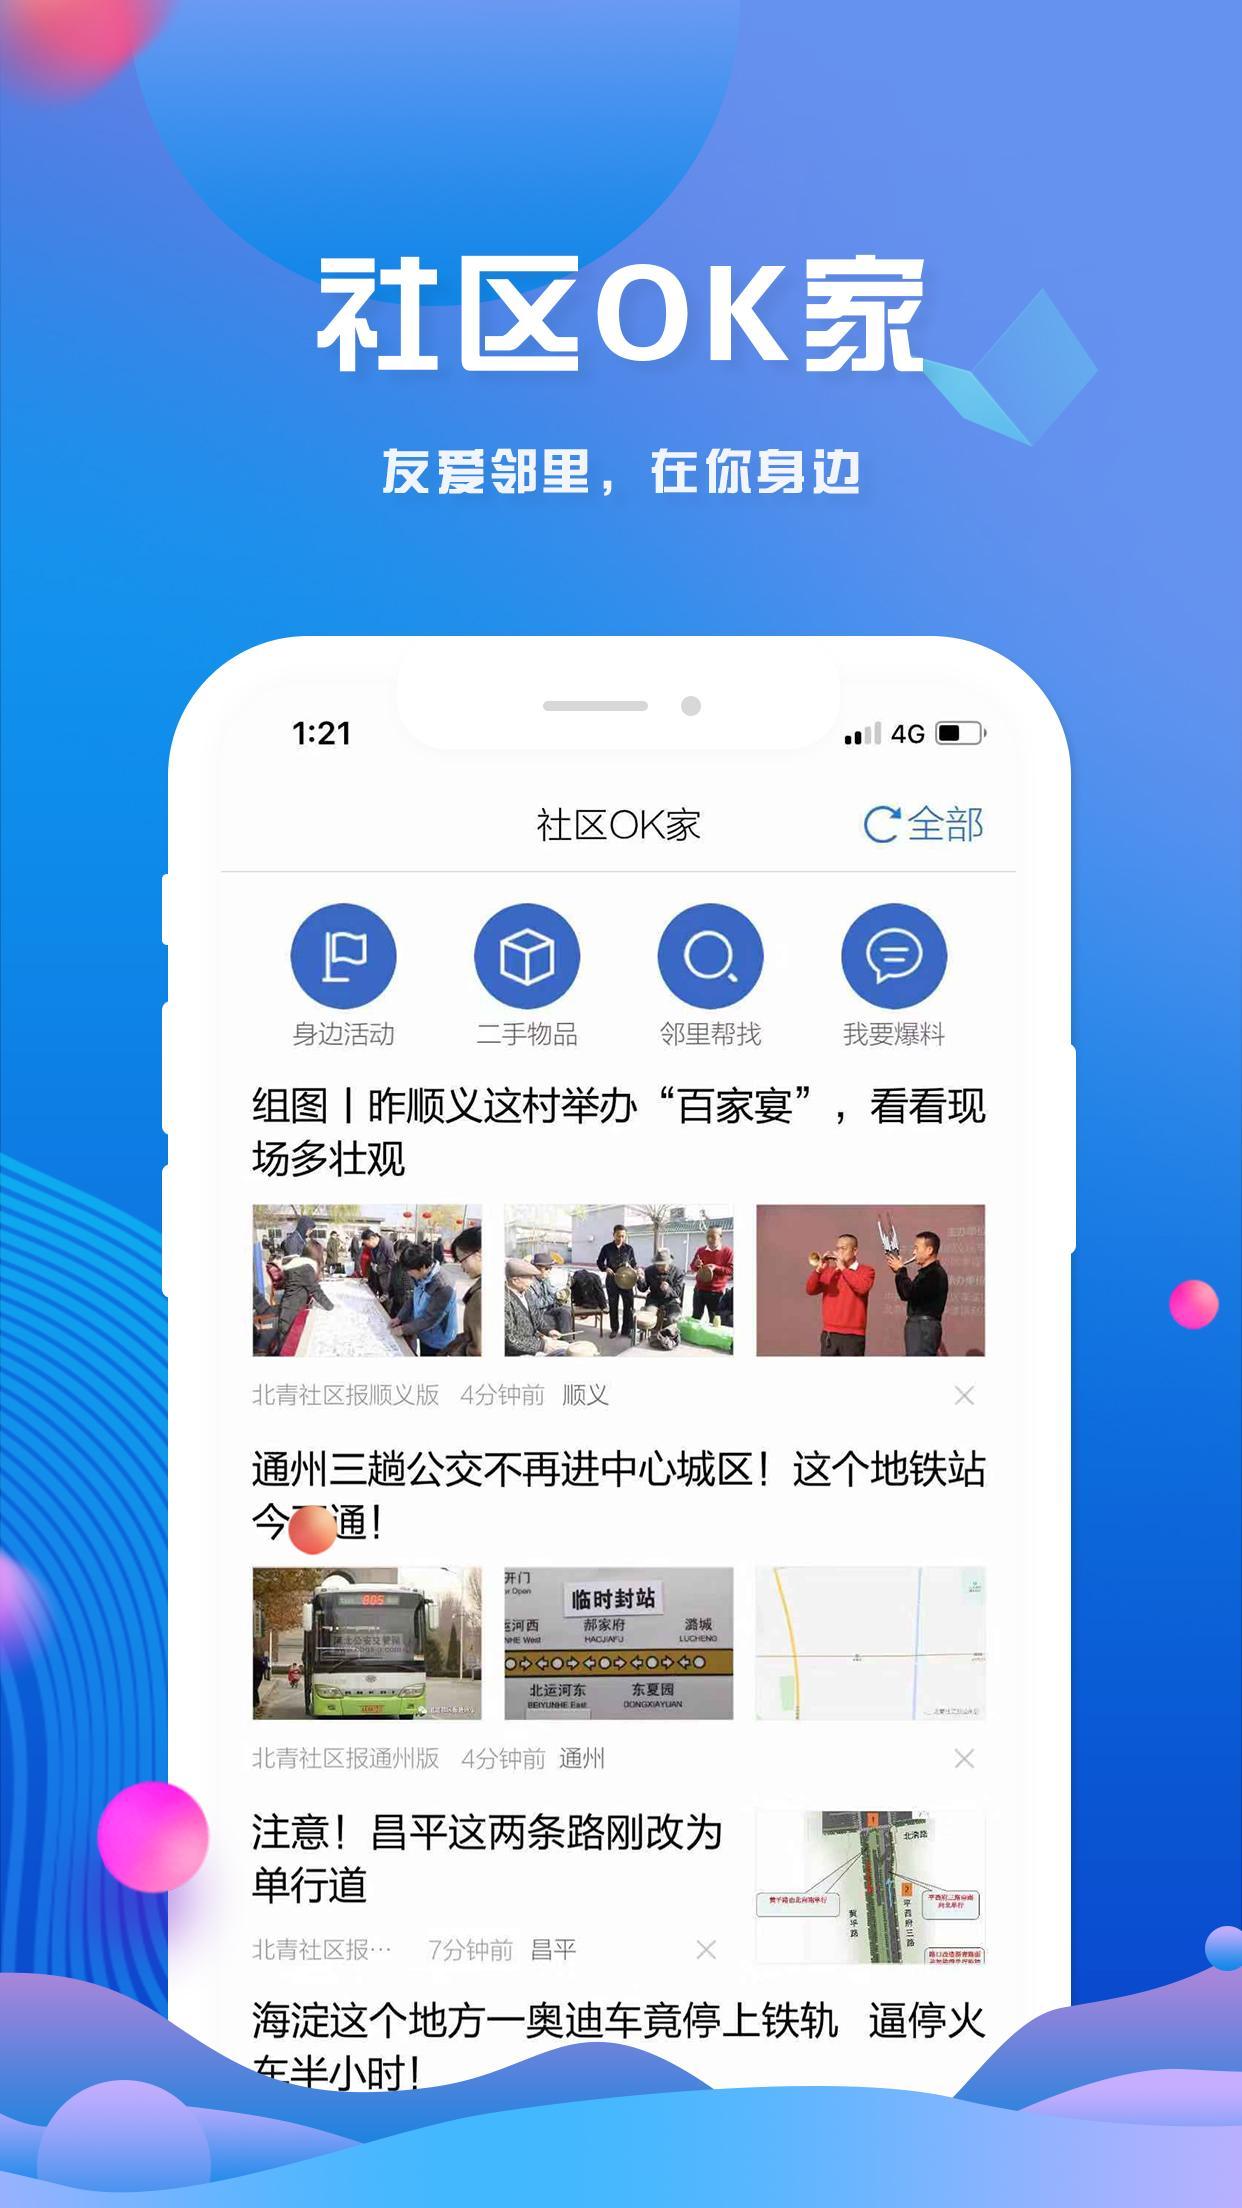 由北京青年报社官方出品,以北京青年报的权威性为基础,北京头条整合图片